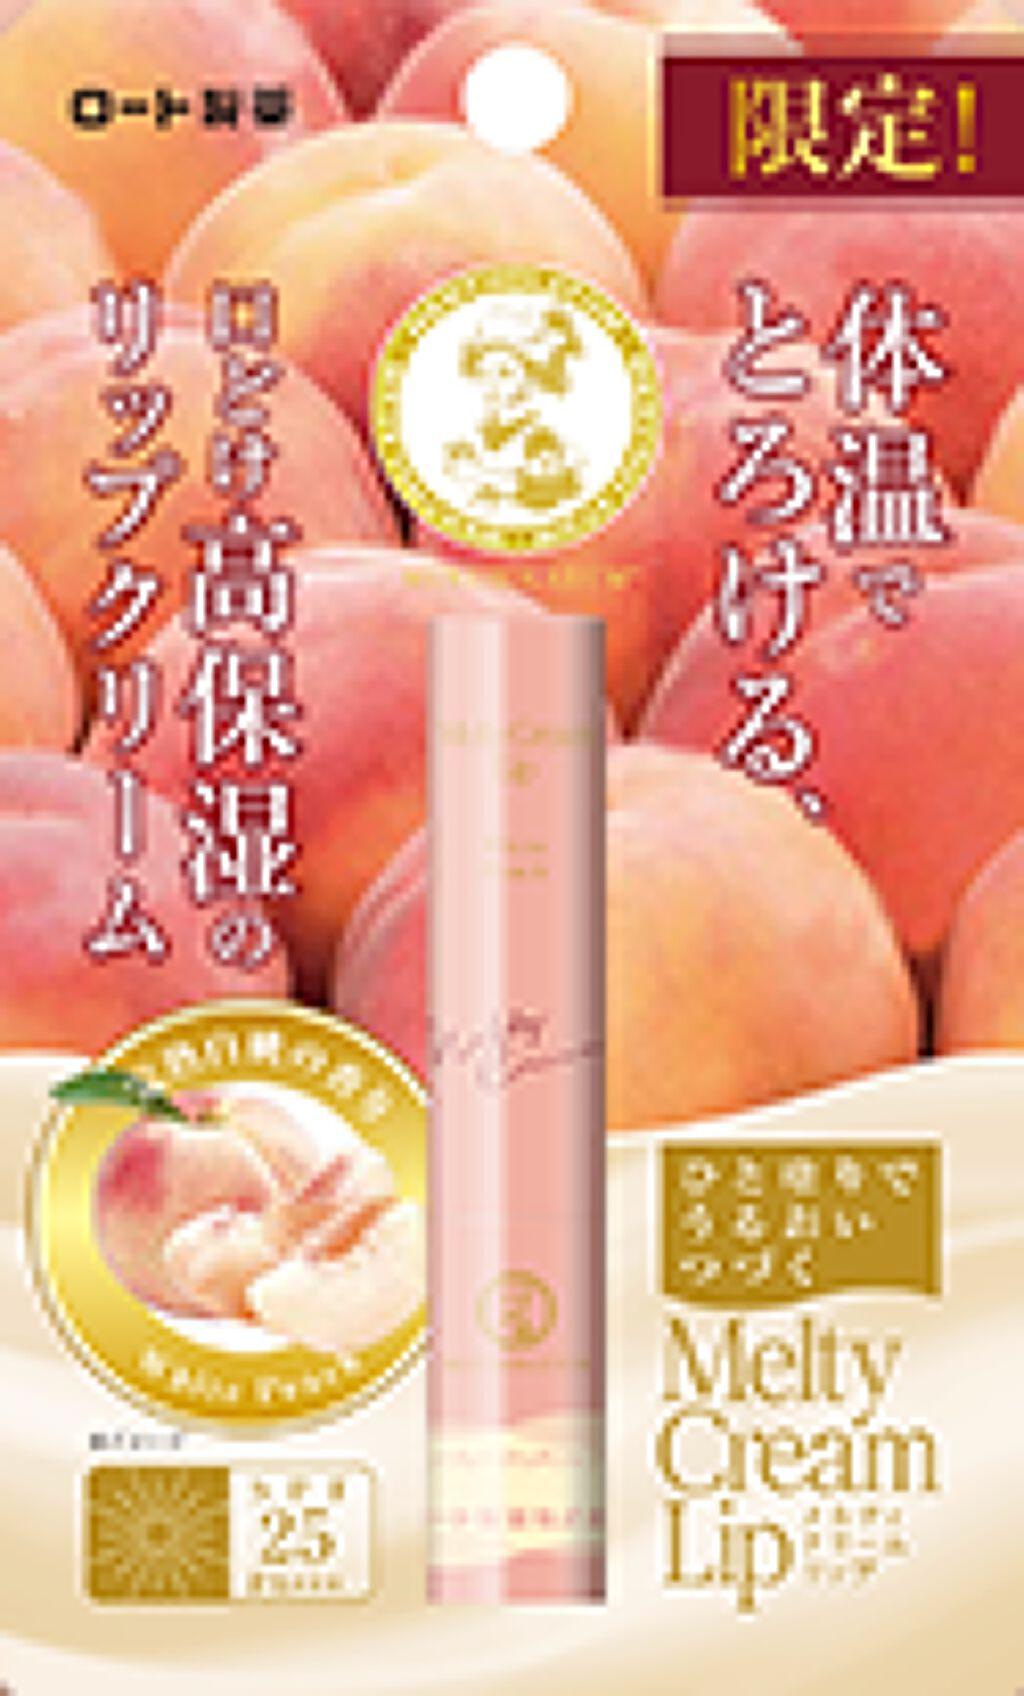 メルティクリームリップ 完熟白桃の香り